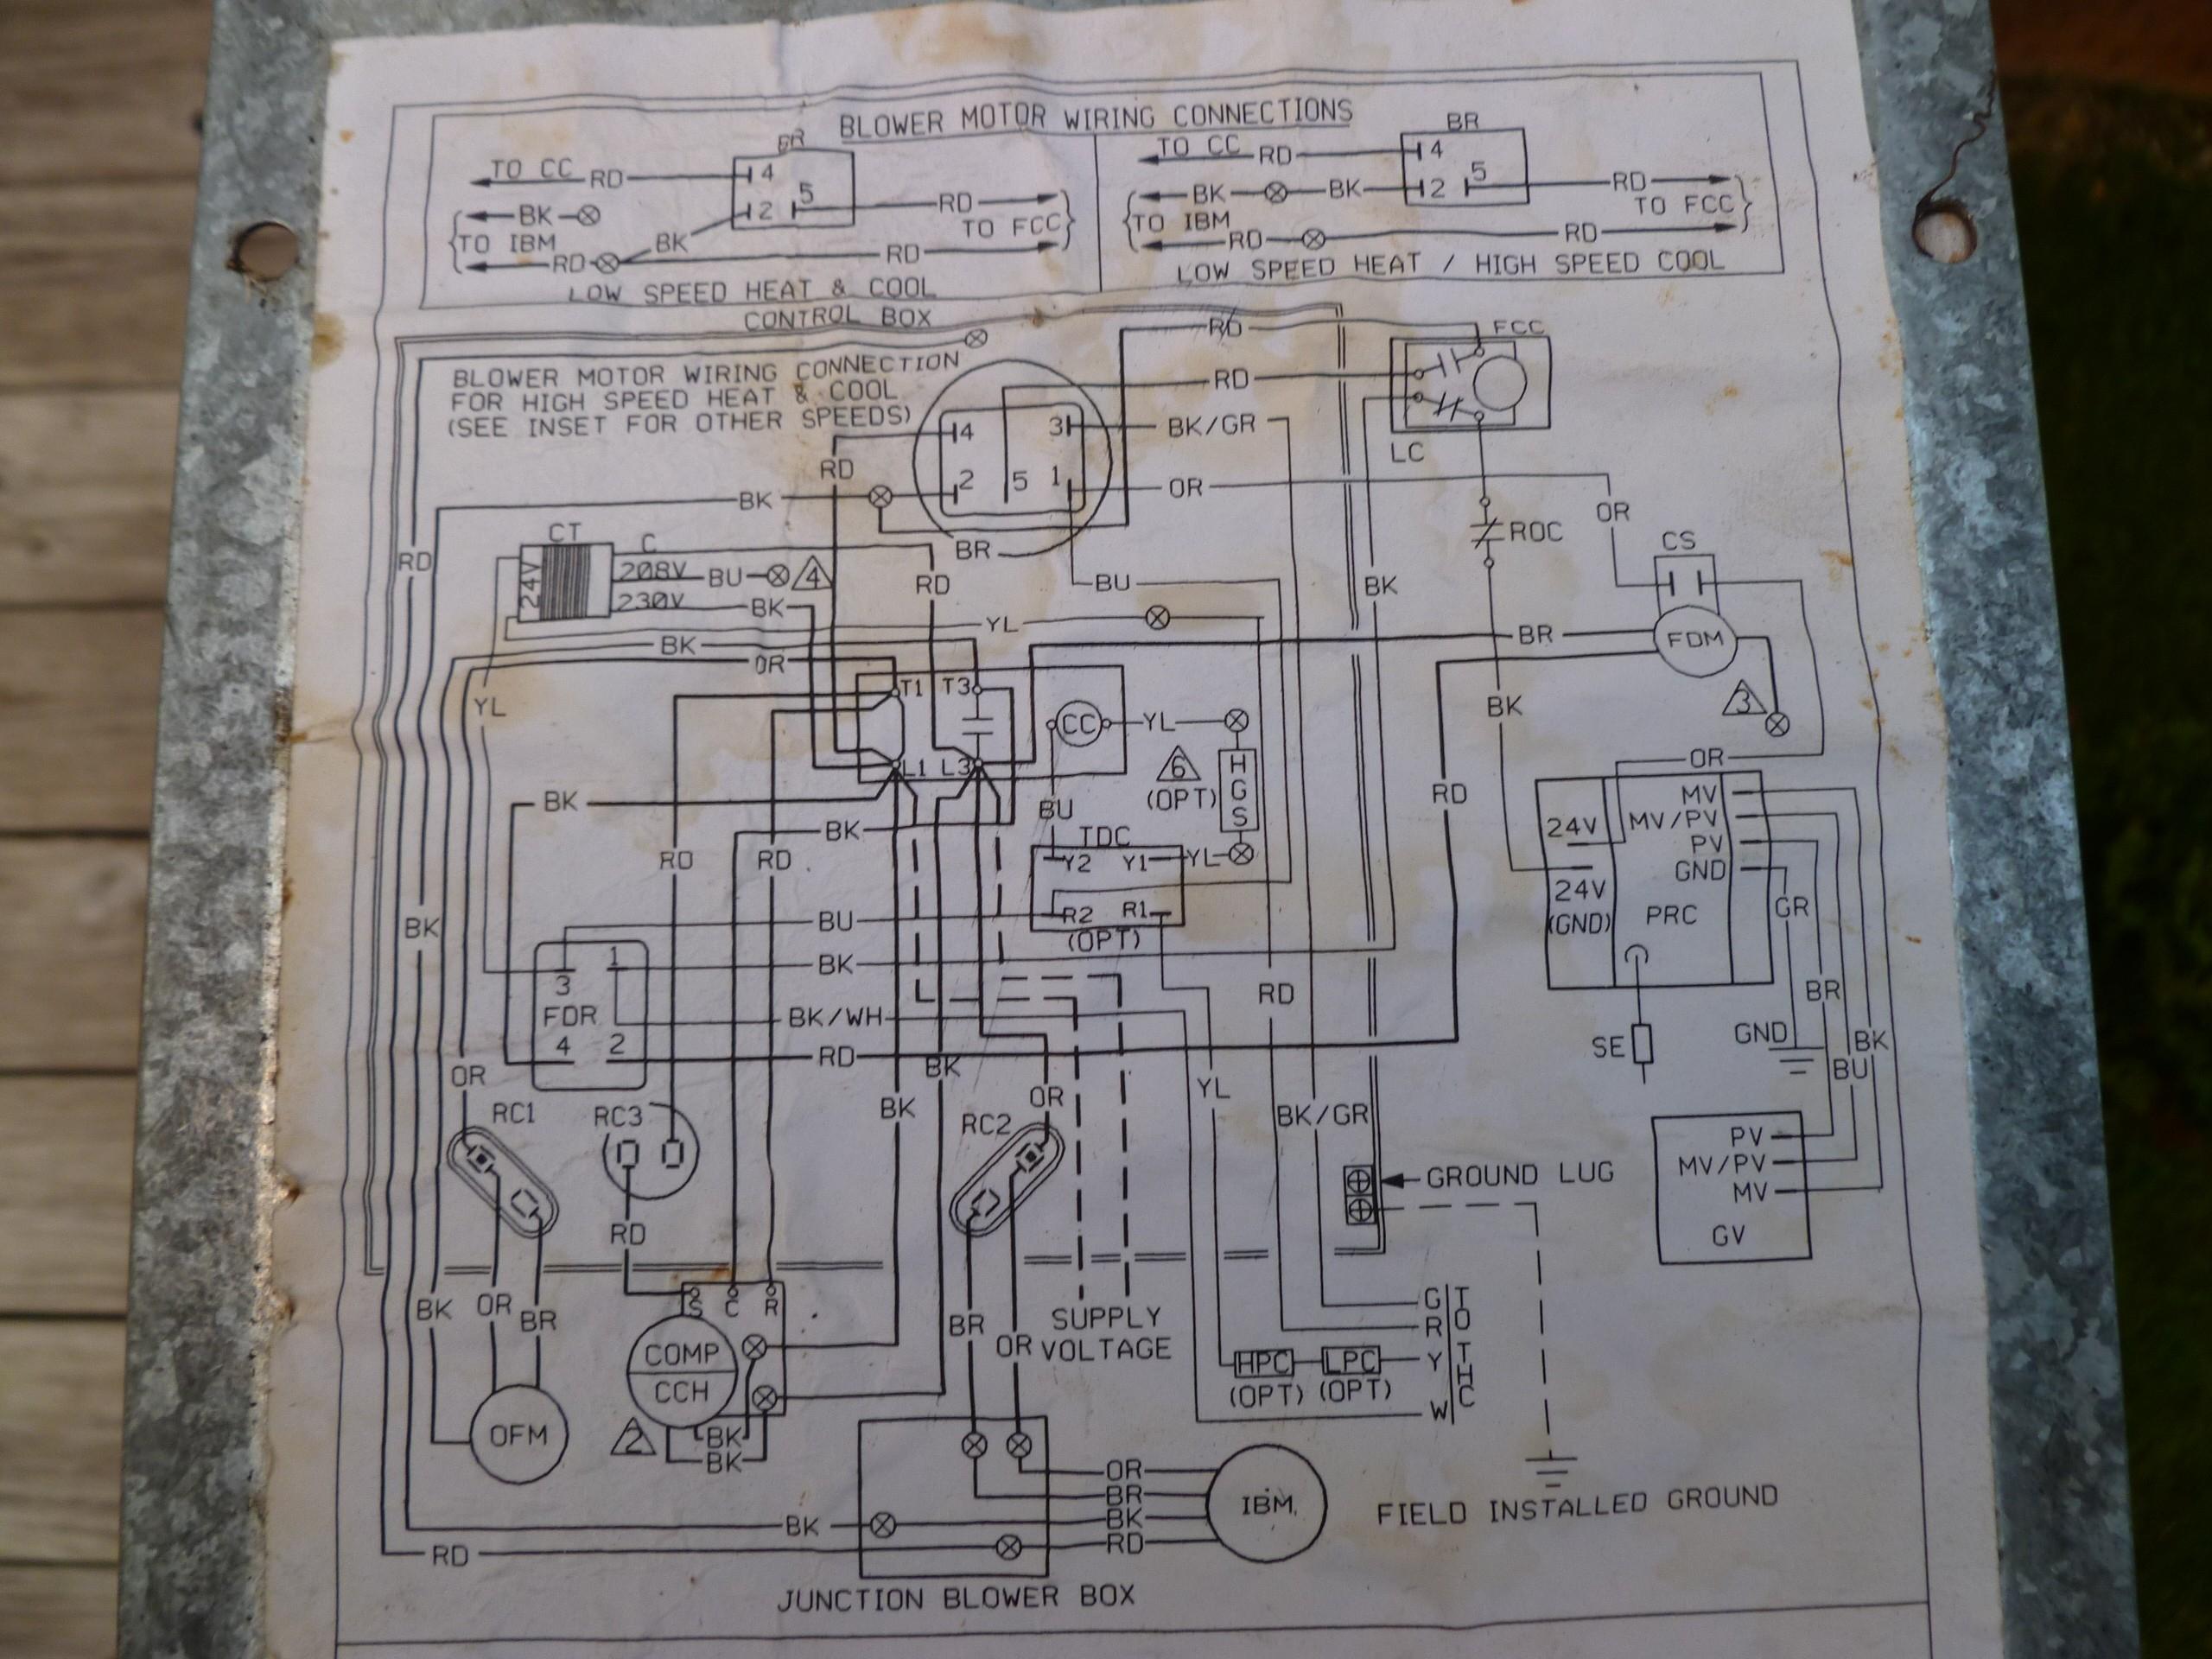 M5350 Rheem Wiring Diagram